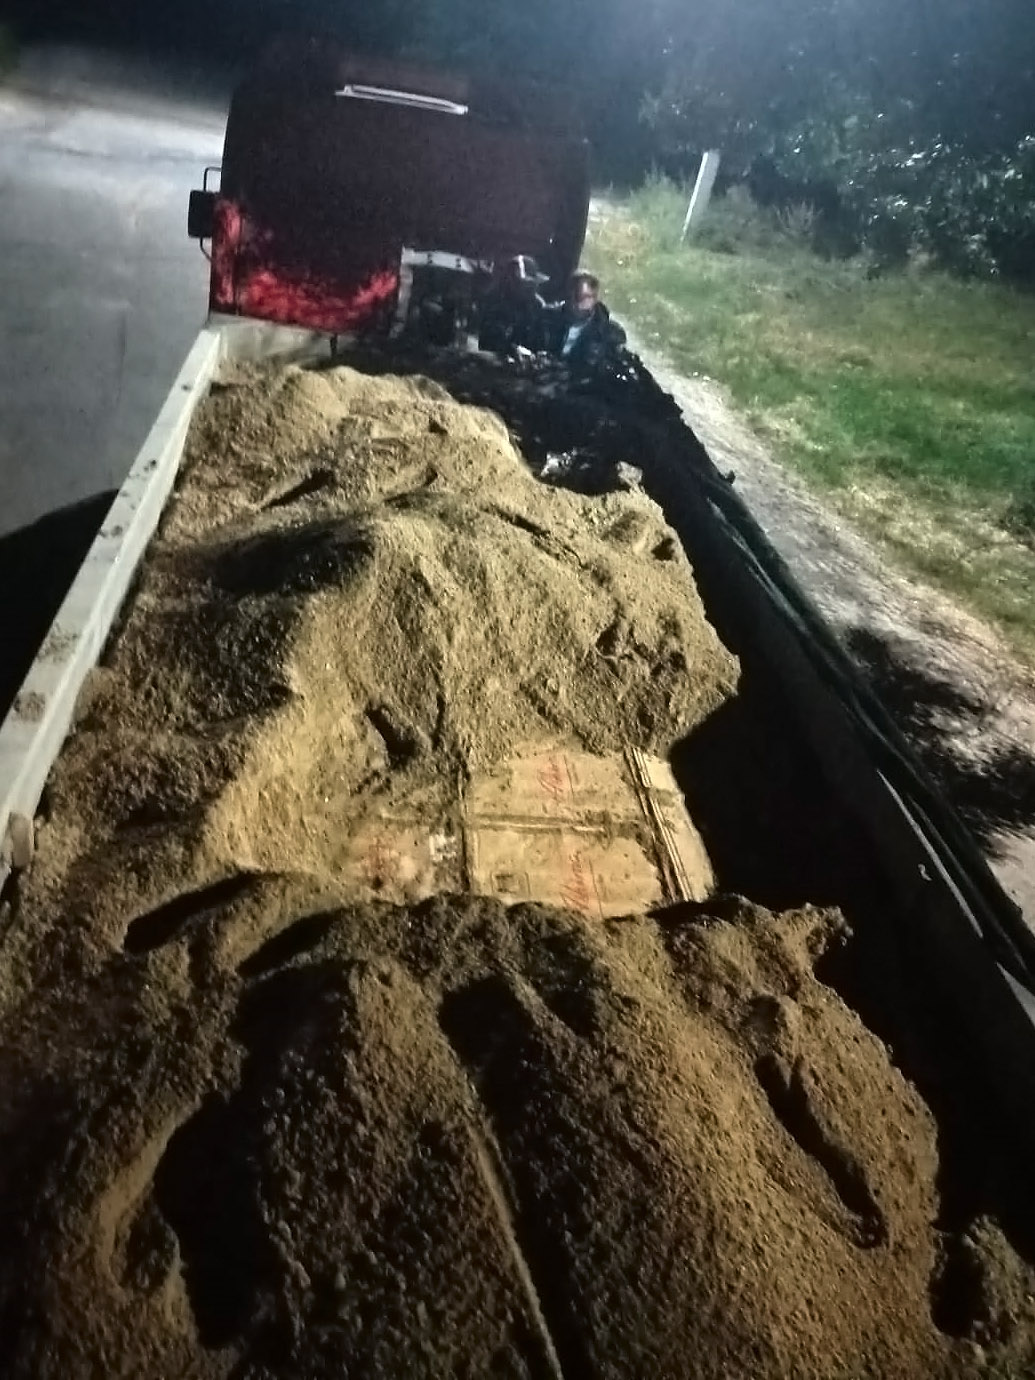 Закопали 2млн сигарет вгрузовике спеском. Таможенники предотвратили контрабанду изПриднестровья (ВИДЕО)